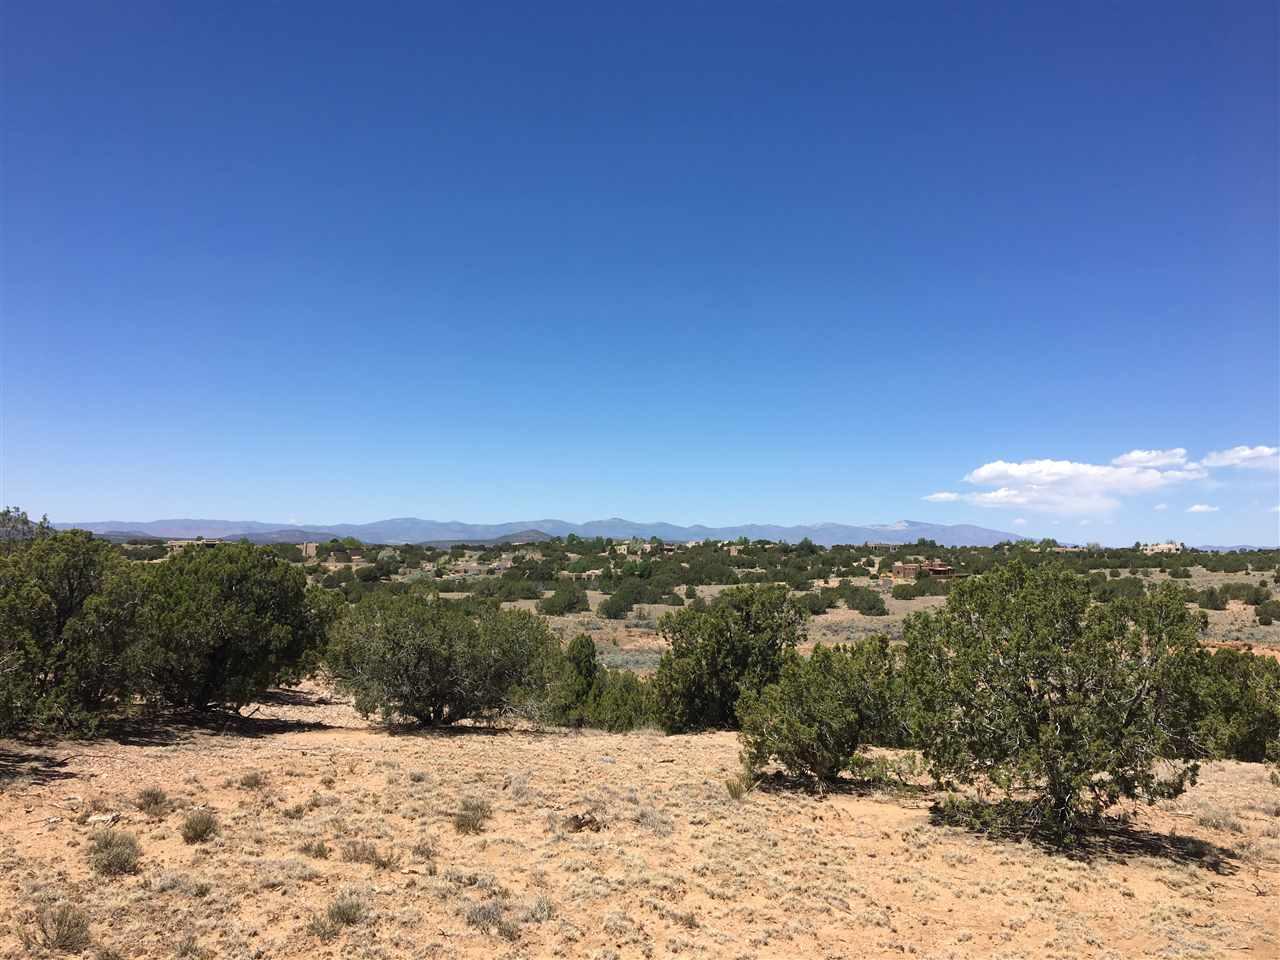 74 Ranch Estates Rd. (Lot 930), Santa Fe in Santa Fe County, NM 87506 Home for Sale